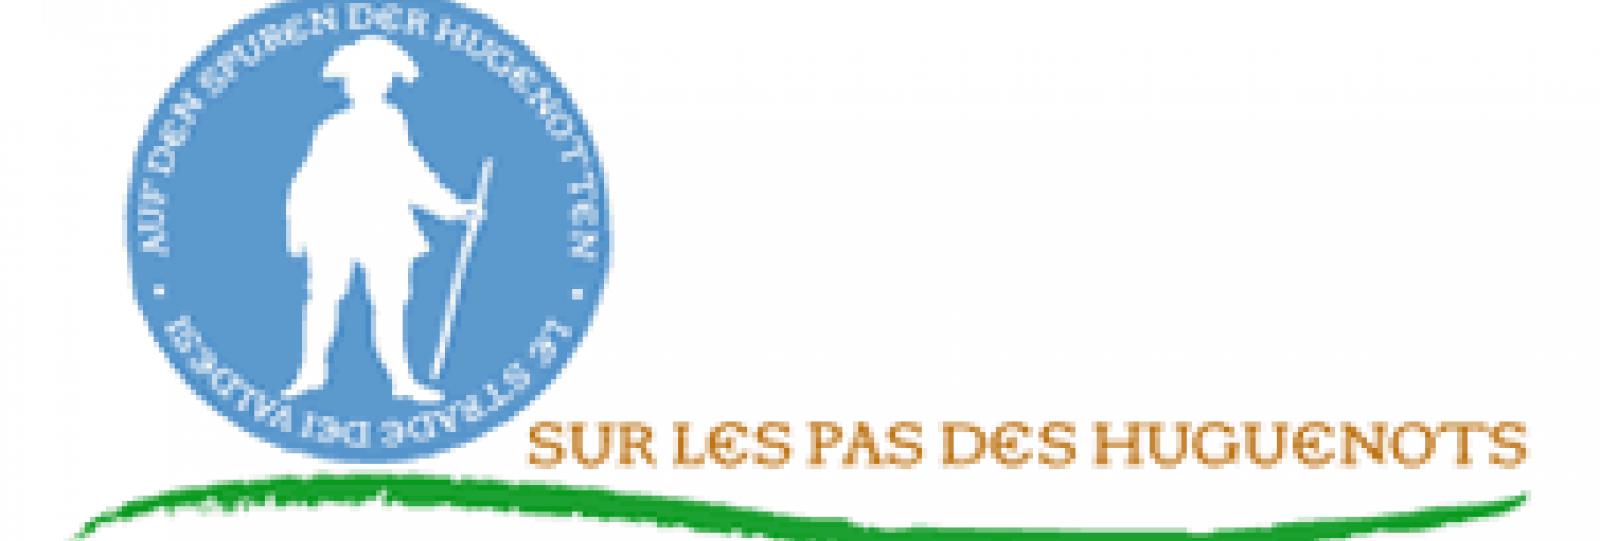 Sur Les Pas des Huguenots - Etape Les Nonieres - Le Percy